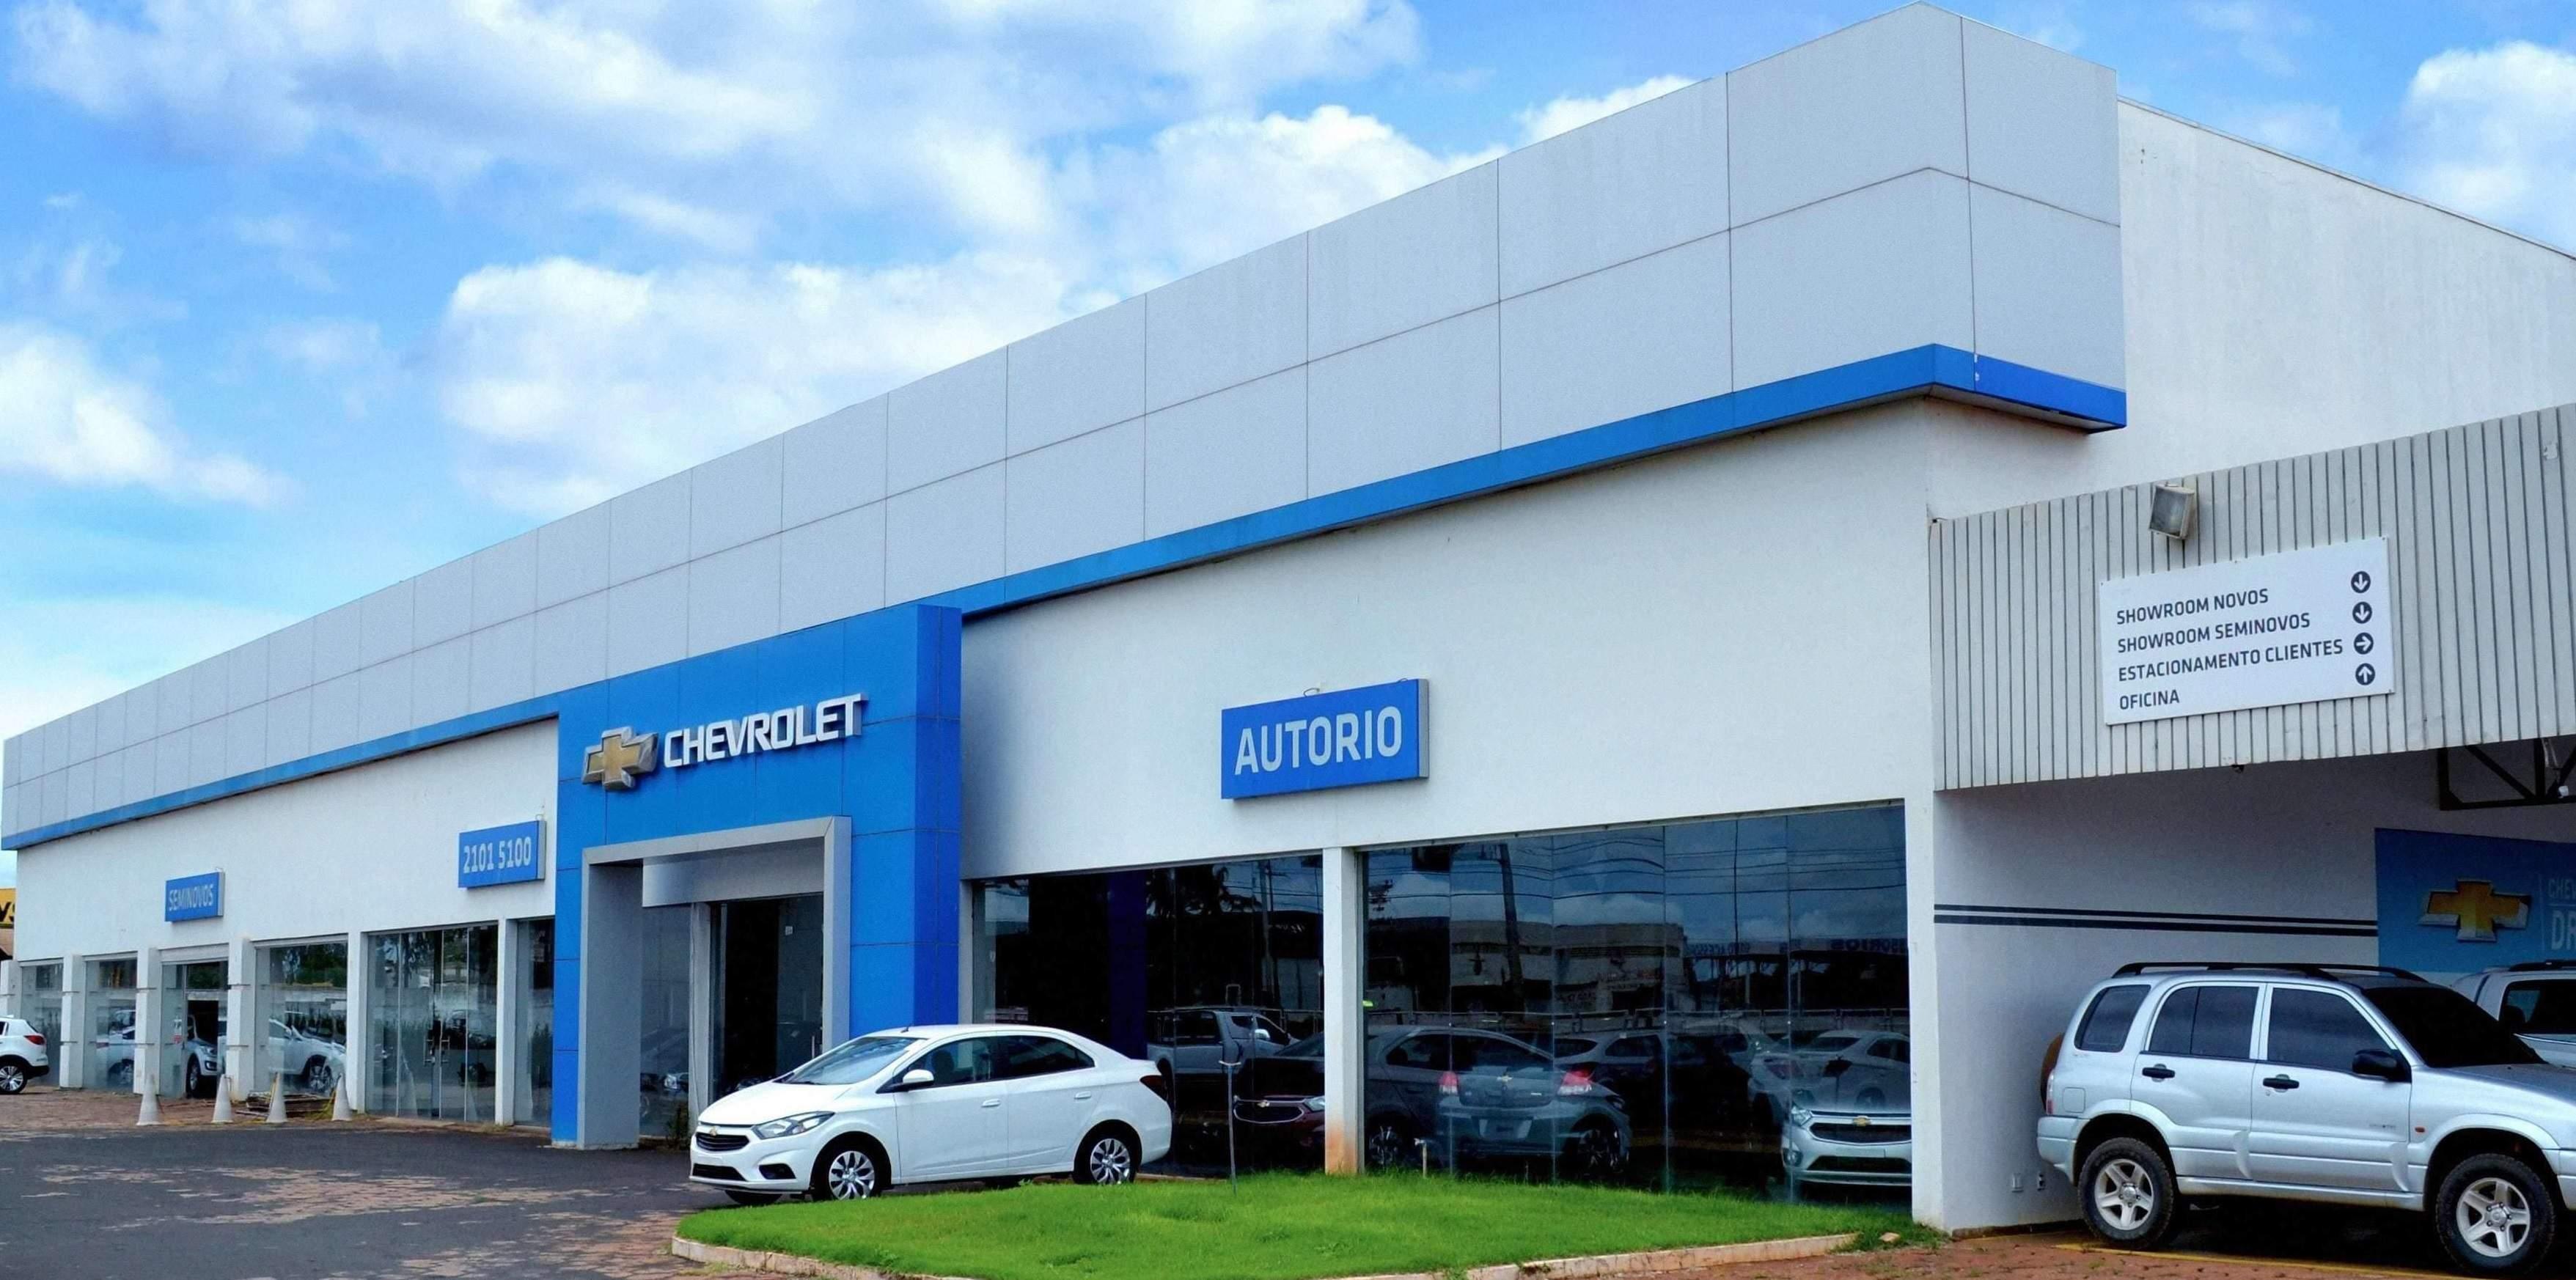 Fachada concessionária Chevrolet Autorio Rio Verde.